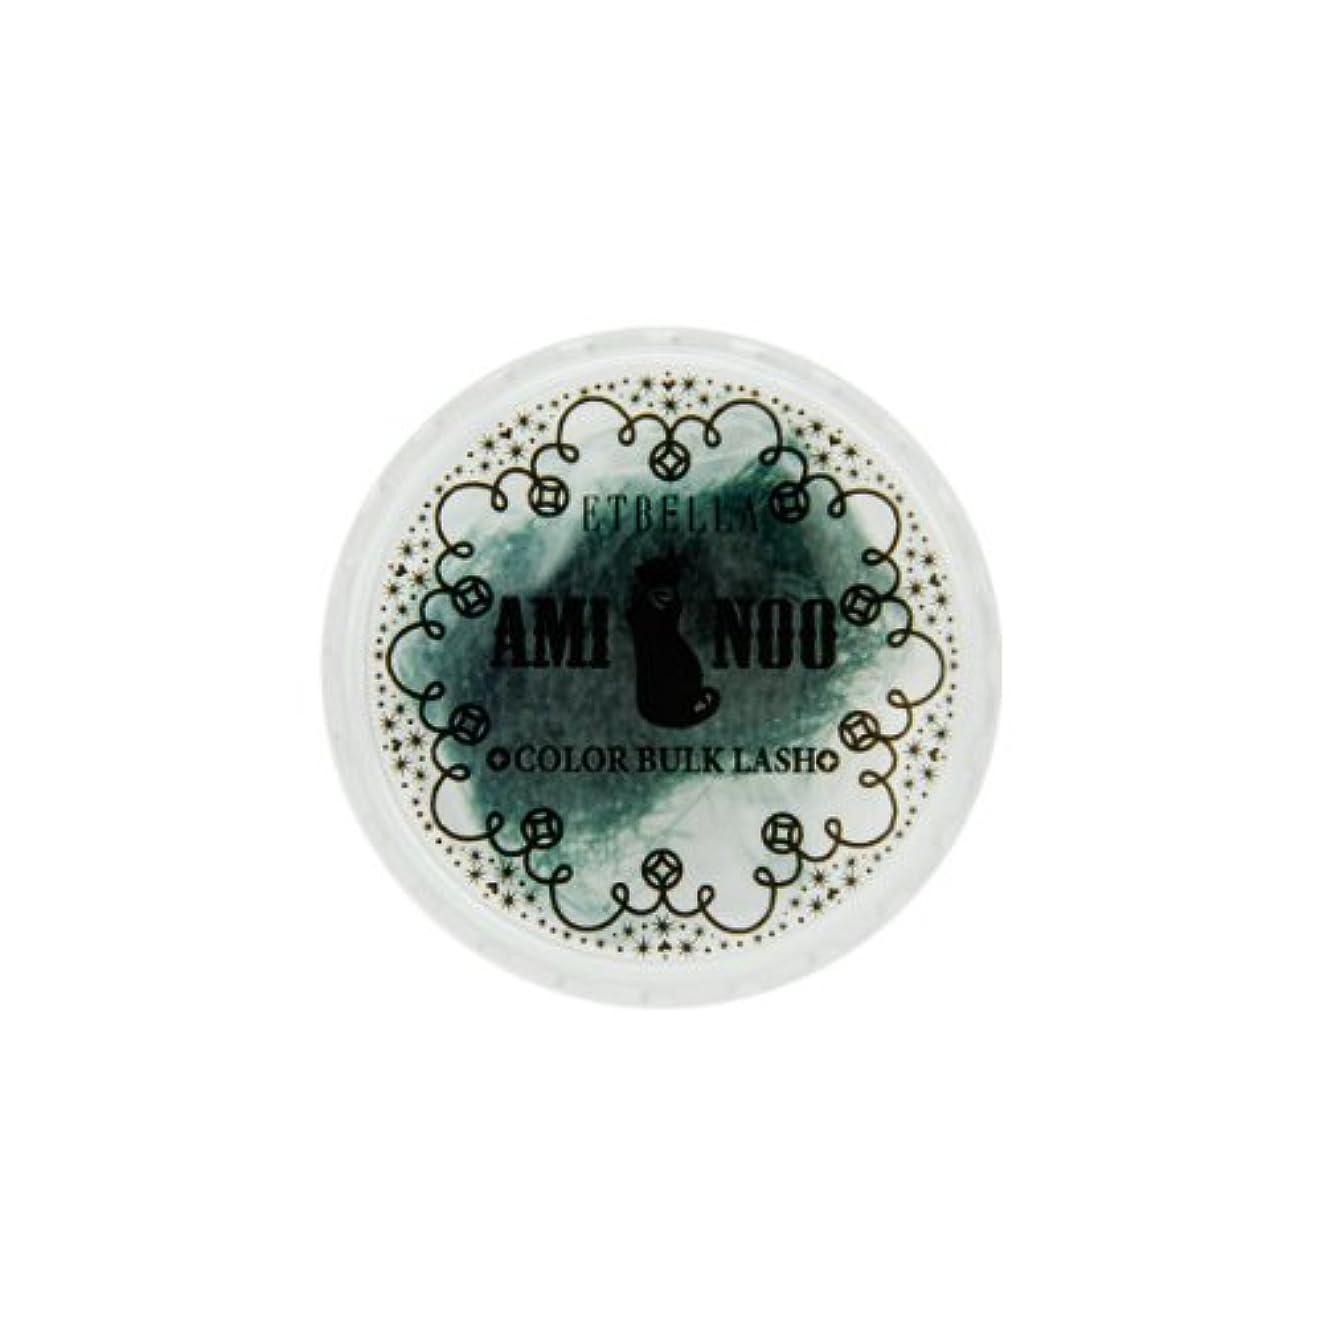 知恵ホーム止まるエトゥベラ アミヌ カラーラッシュ グリーン Jカール 太さ0.15mm×長さ10mm 0.2g